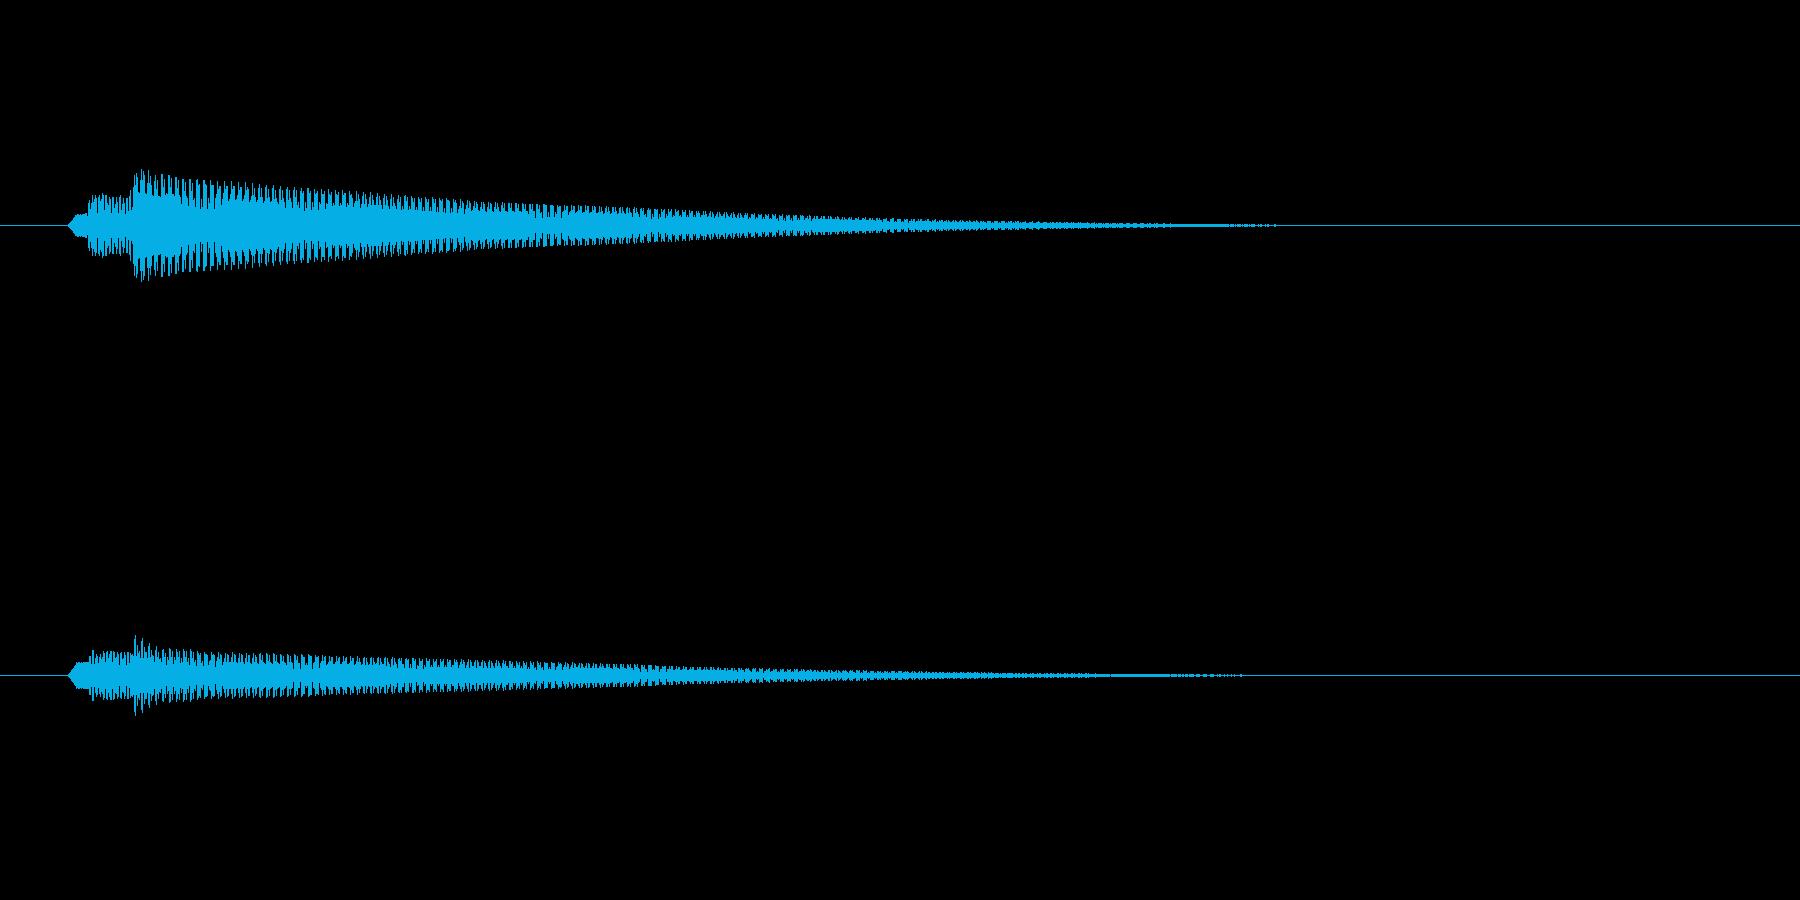 セーブ・ロード1ゲーム等(ピロローン)の再生済みの波形